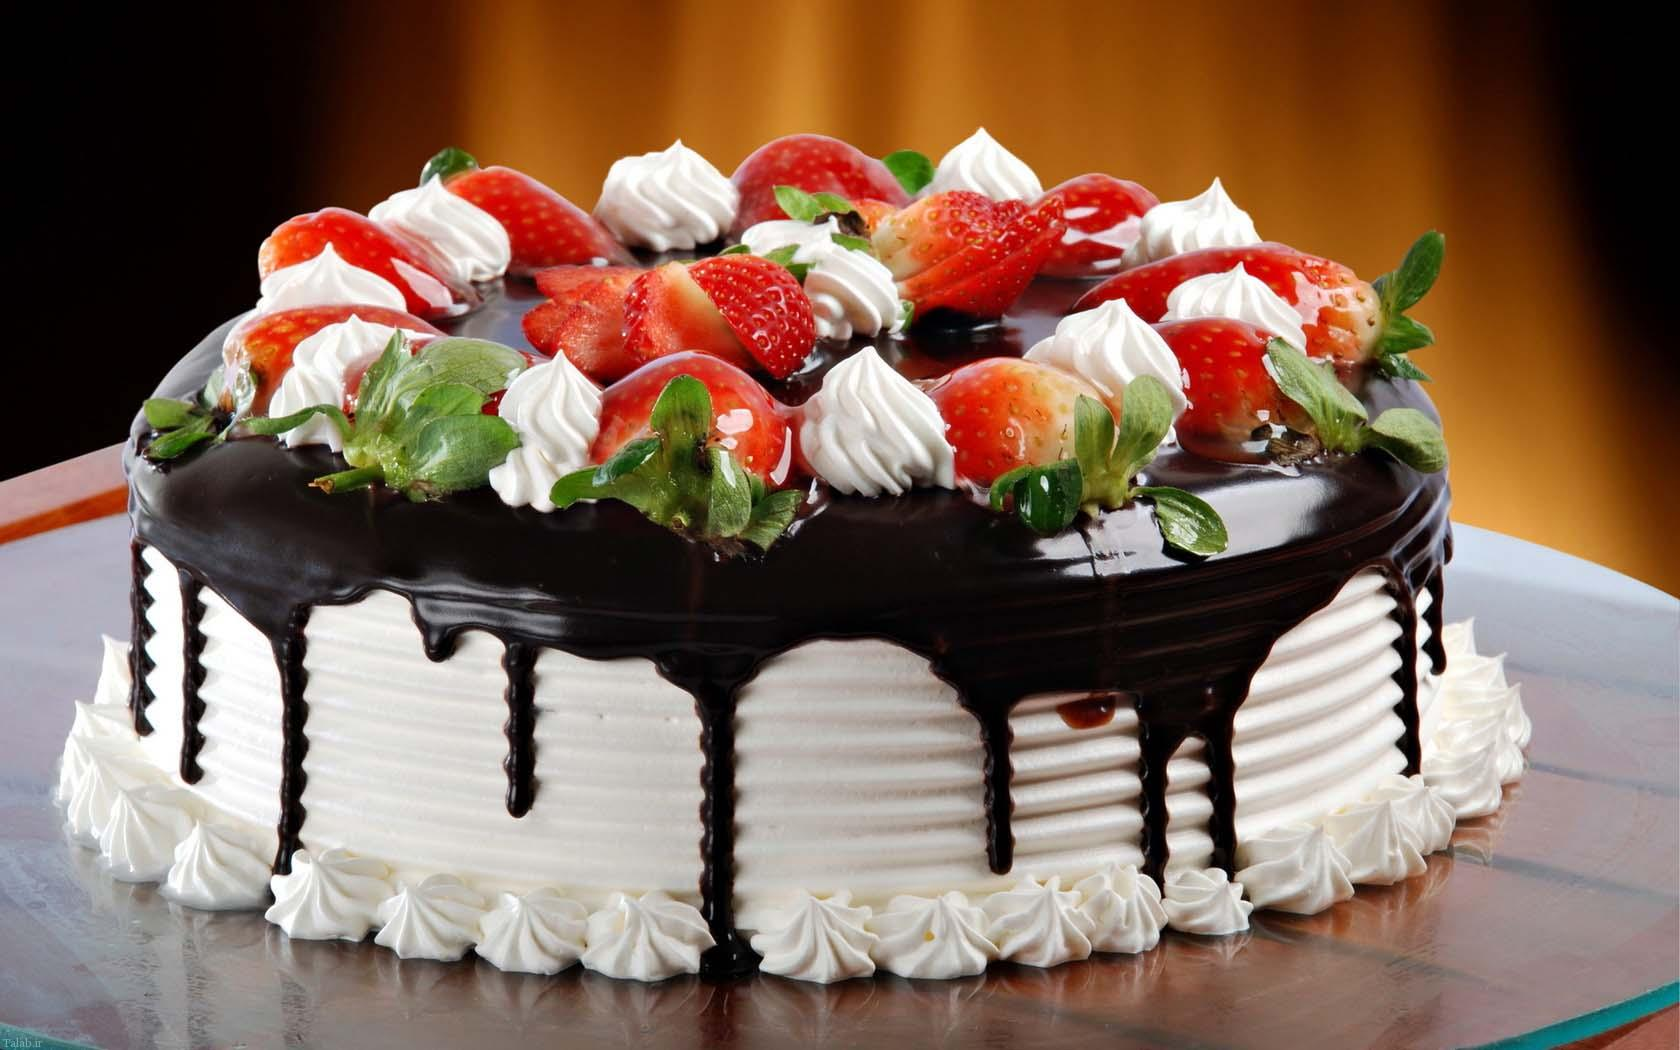 نکات جالب کیک پزی